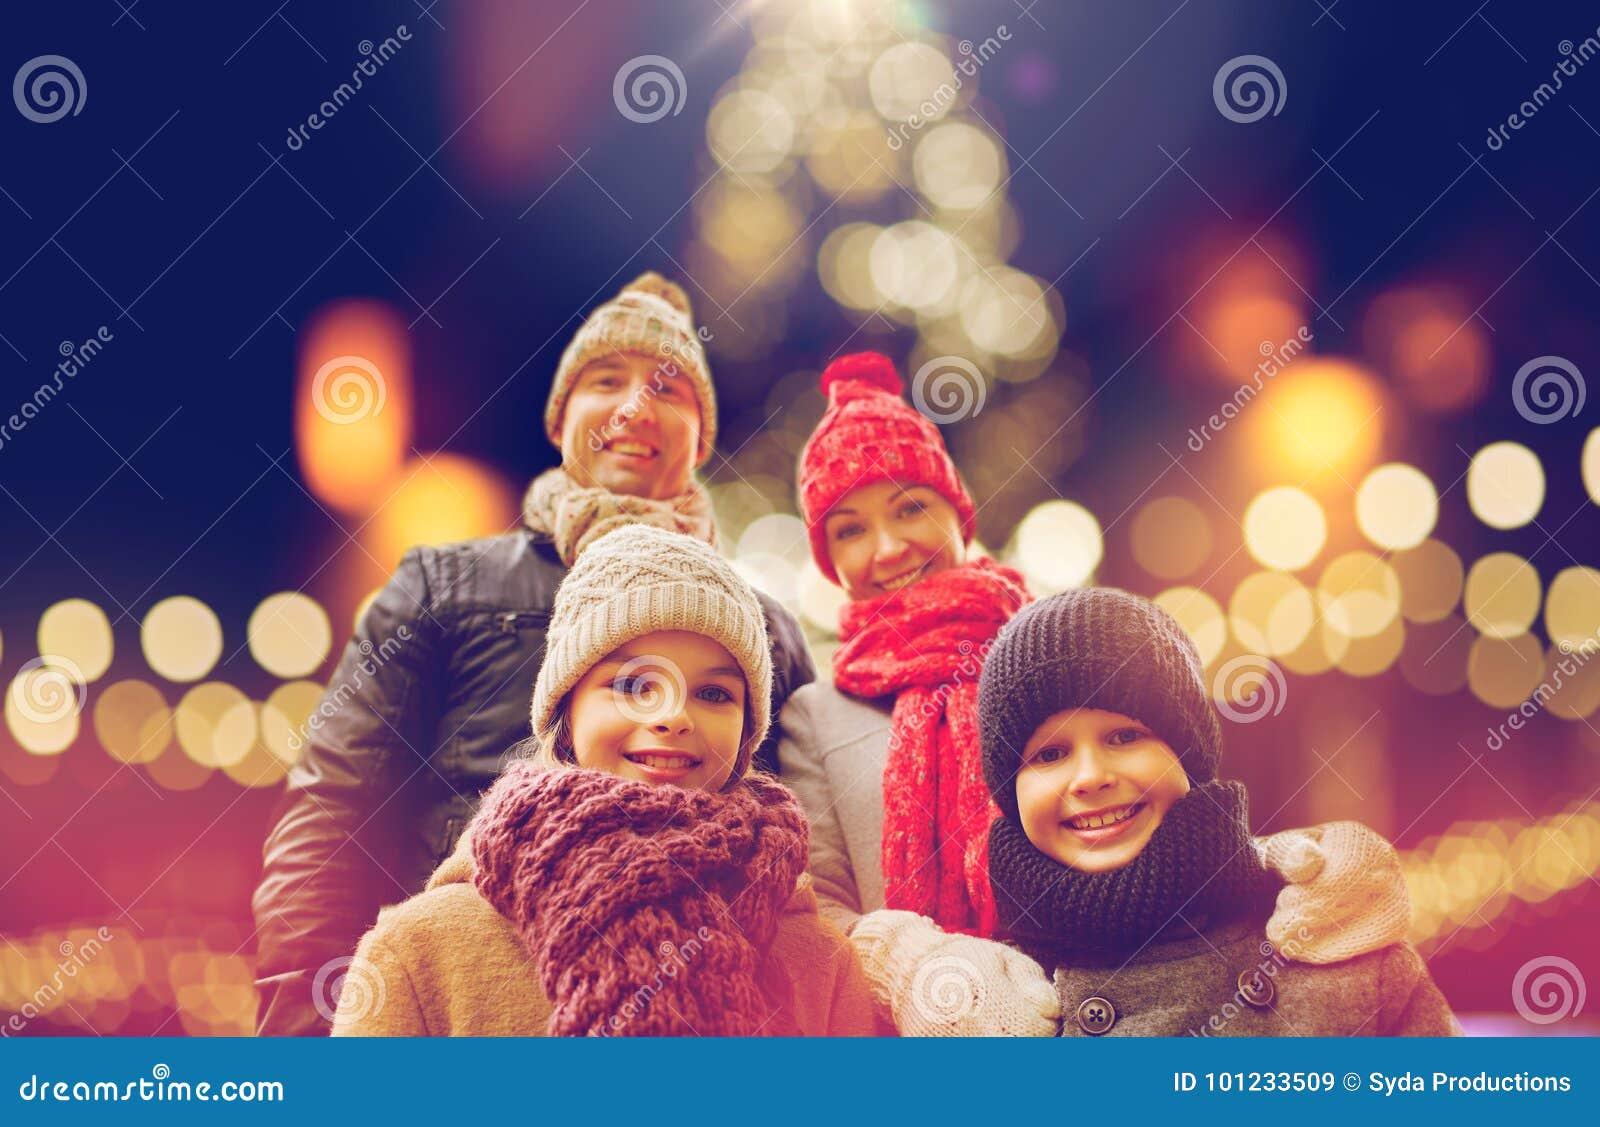 Lycklig familj utomhus på julhelgdagsaftonen